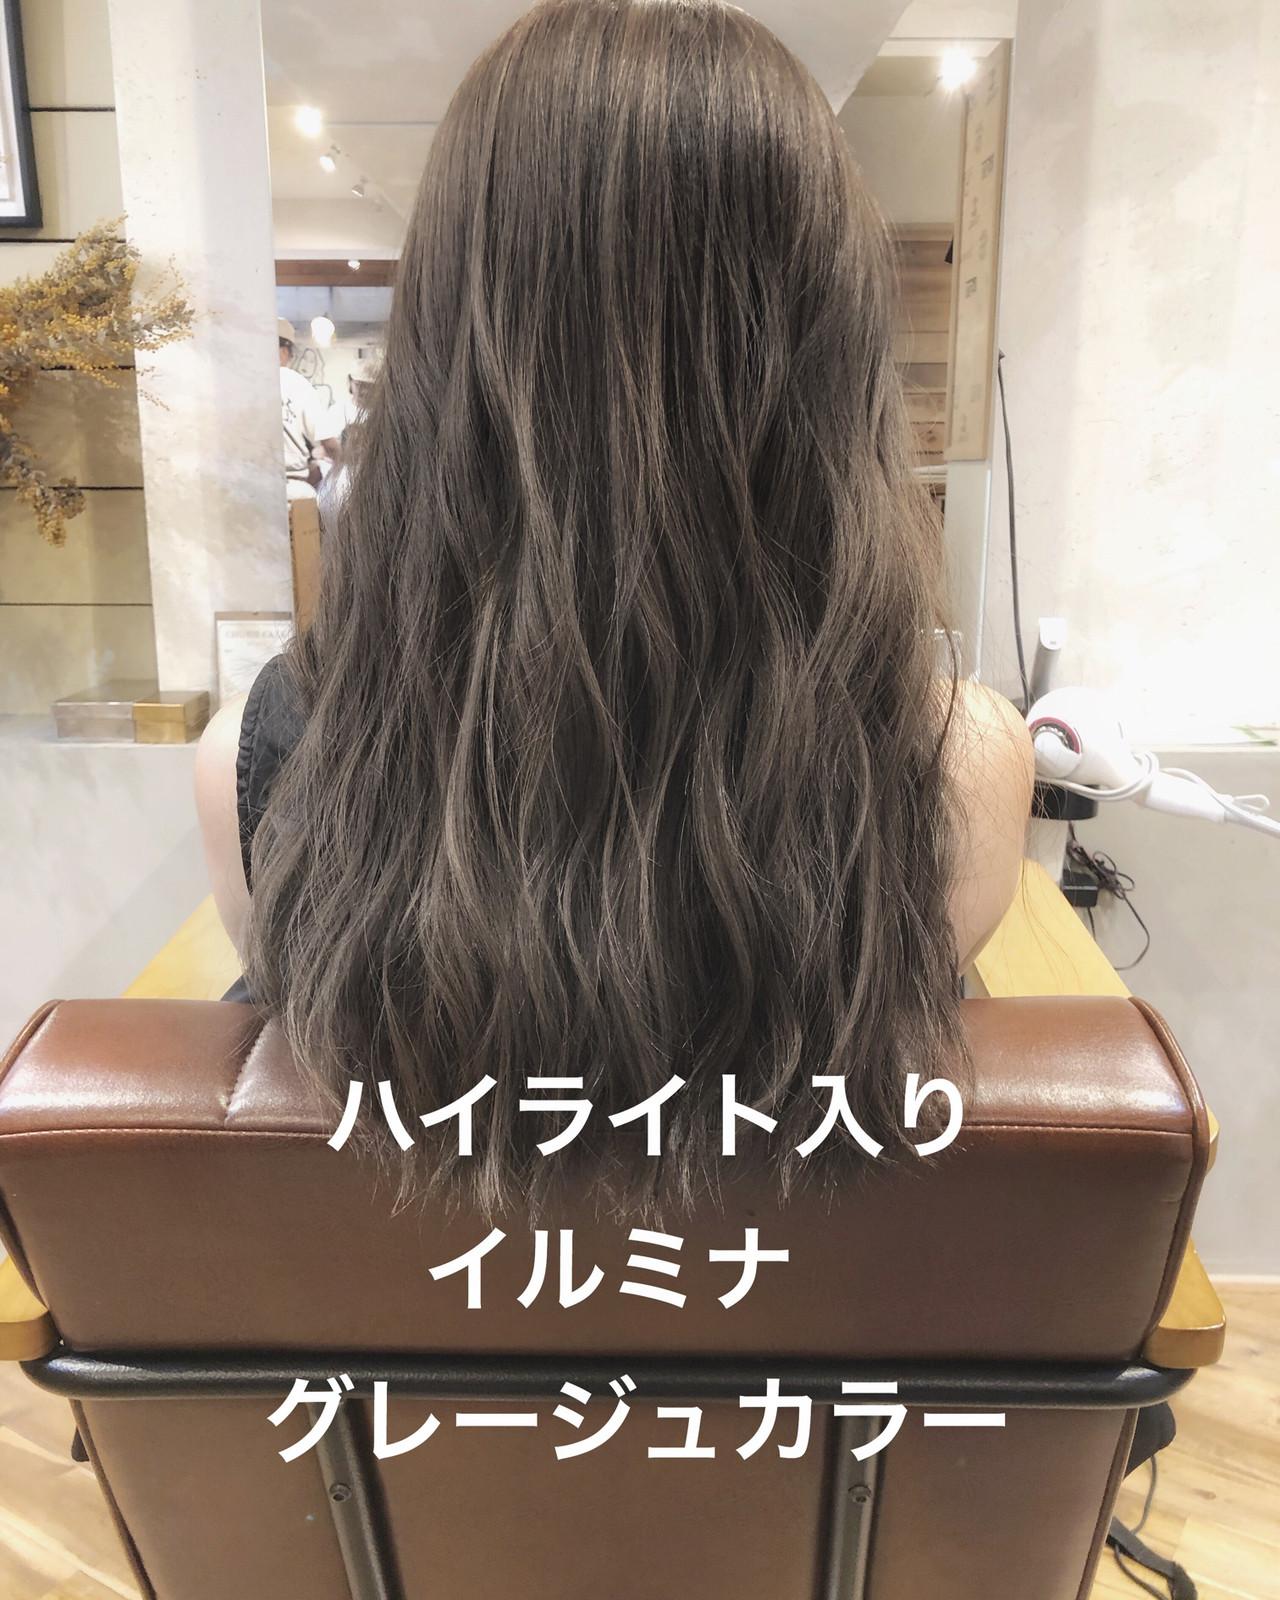 ラベンダーアッシュ ナチュラル アッシュグレージュ グレージュ ヘアスタイルや髪型の写真・画像